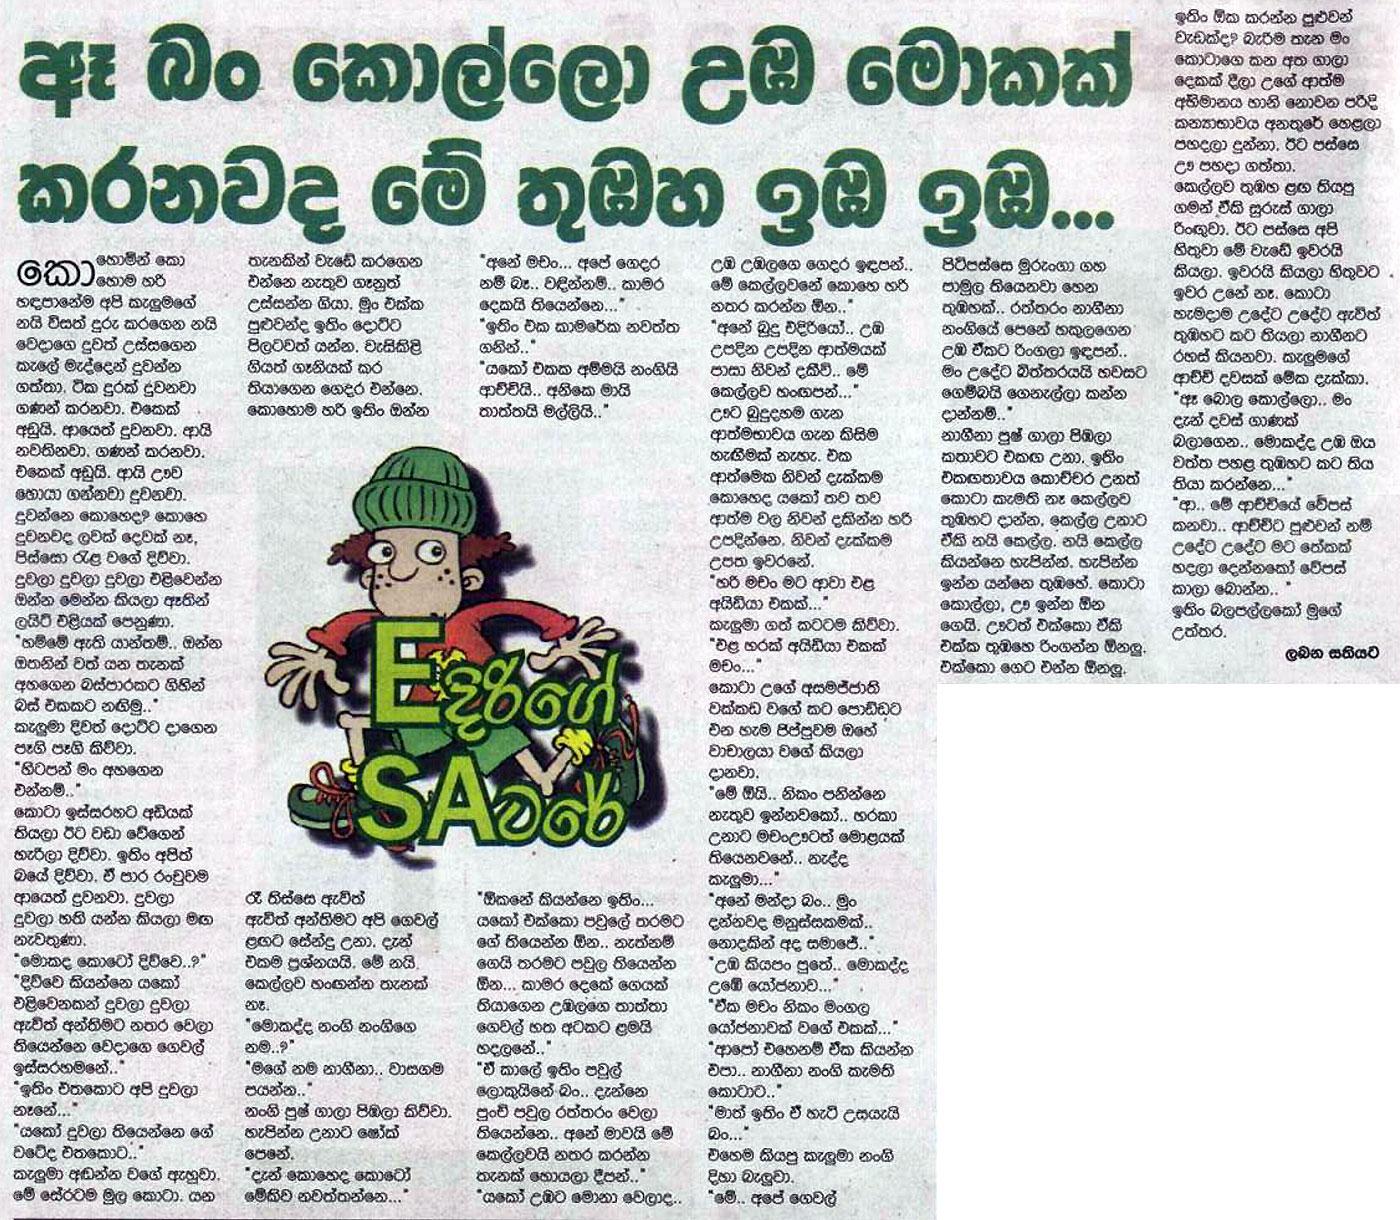 Sinhala Wal Kello Hukanawa Wal katha paththara pictures